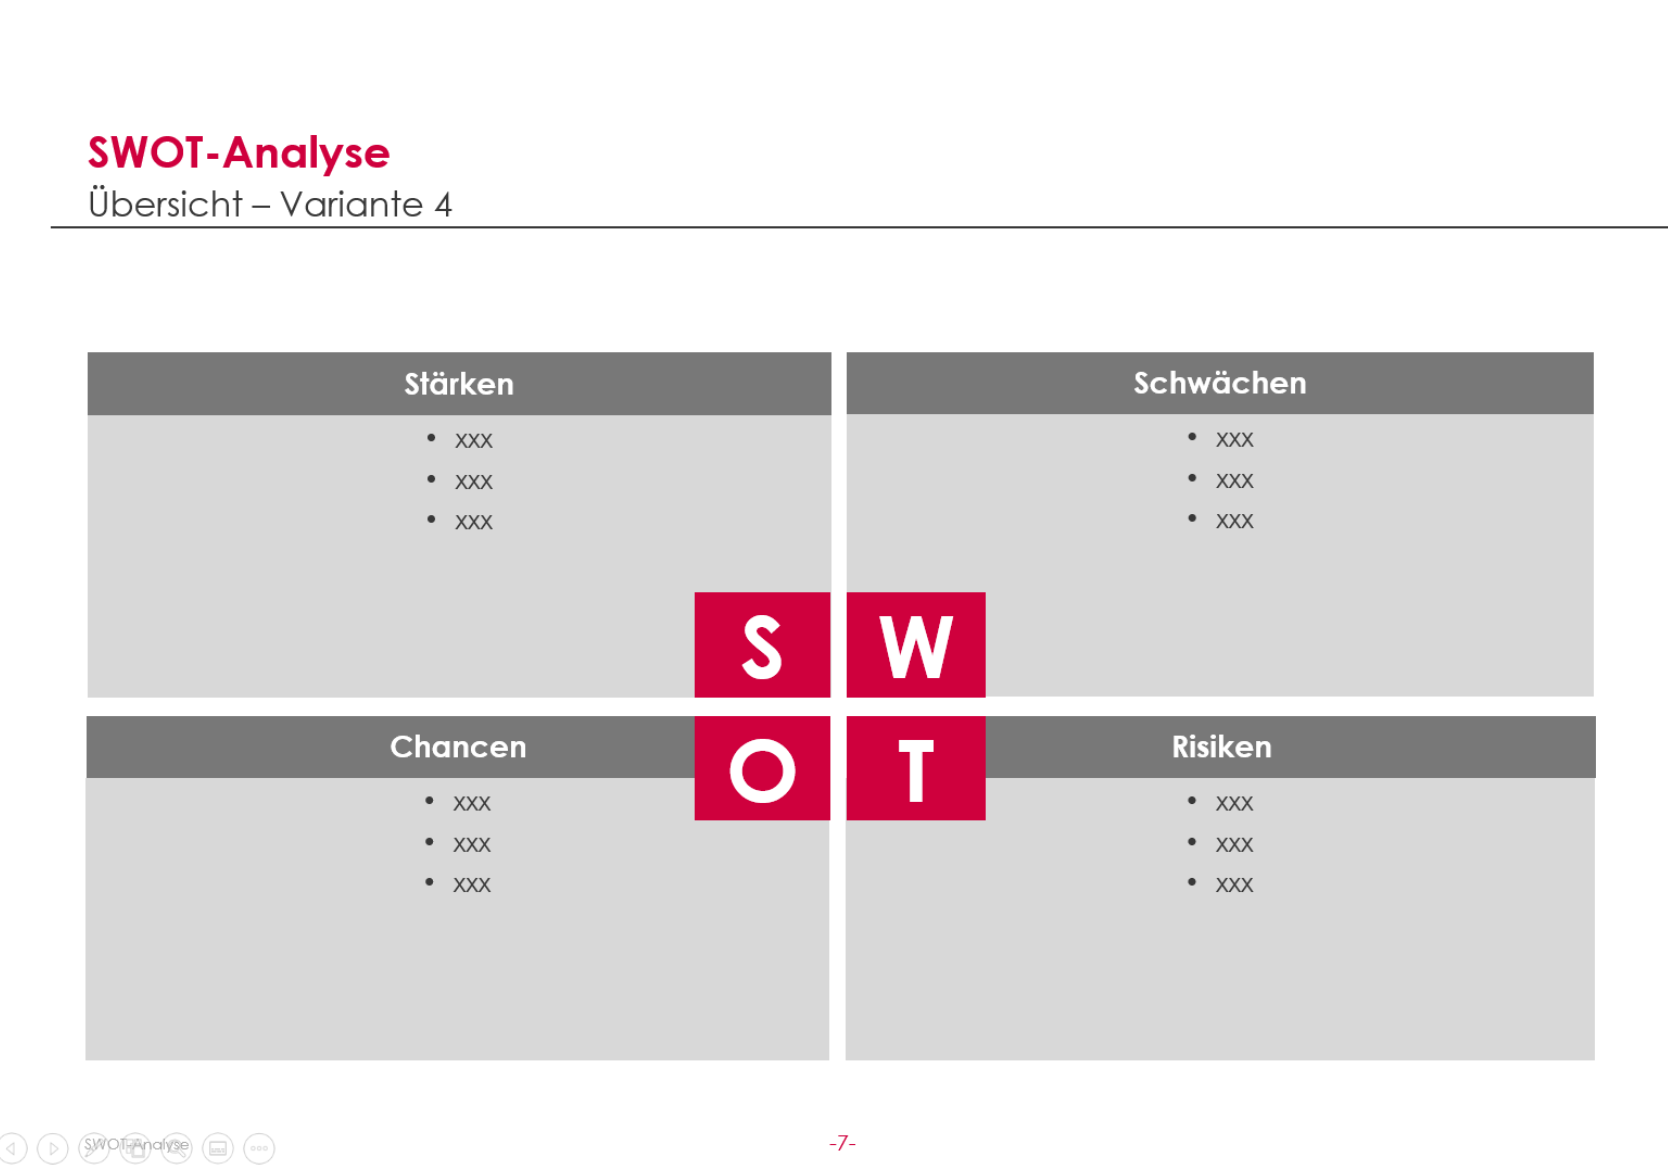 SWOT Analyse Vorlage